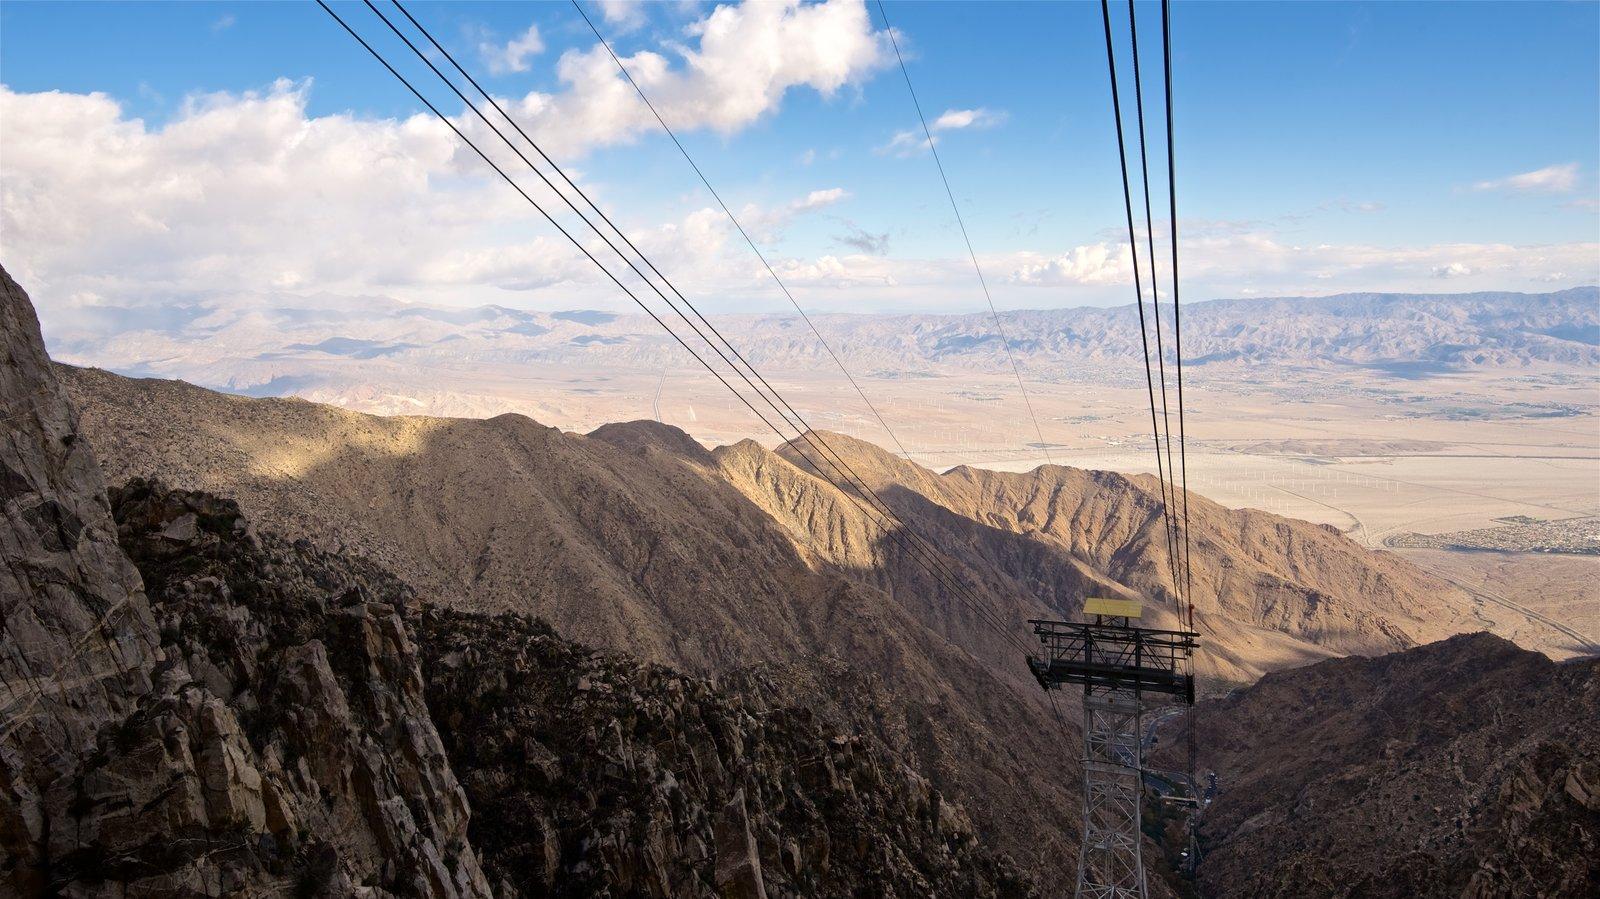 Teleférico de Palm Springs mostrando vistas al desierto y vistas de paisajes